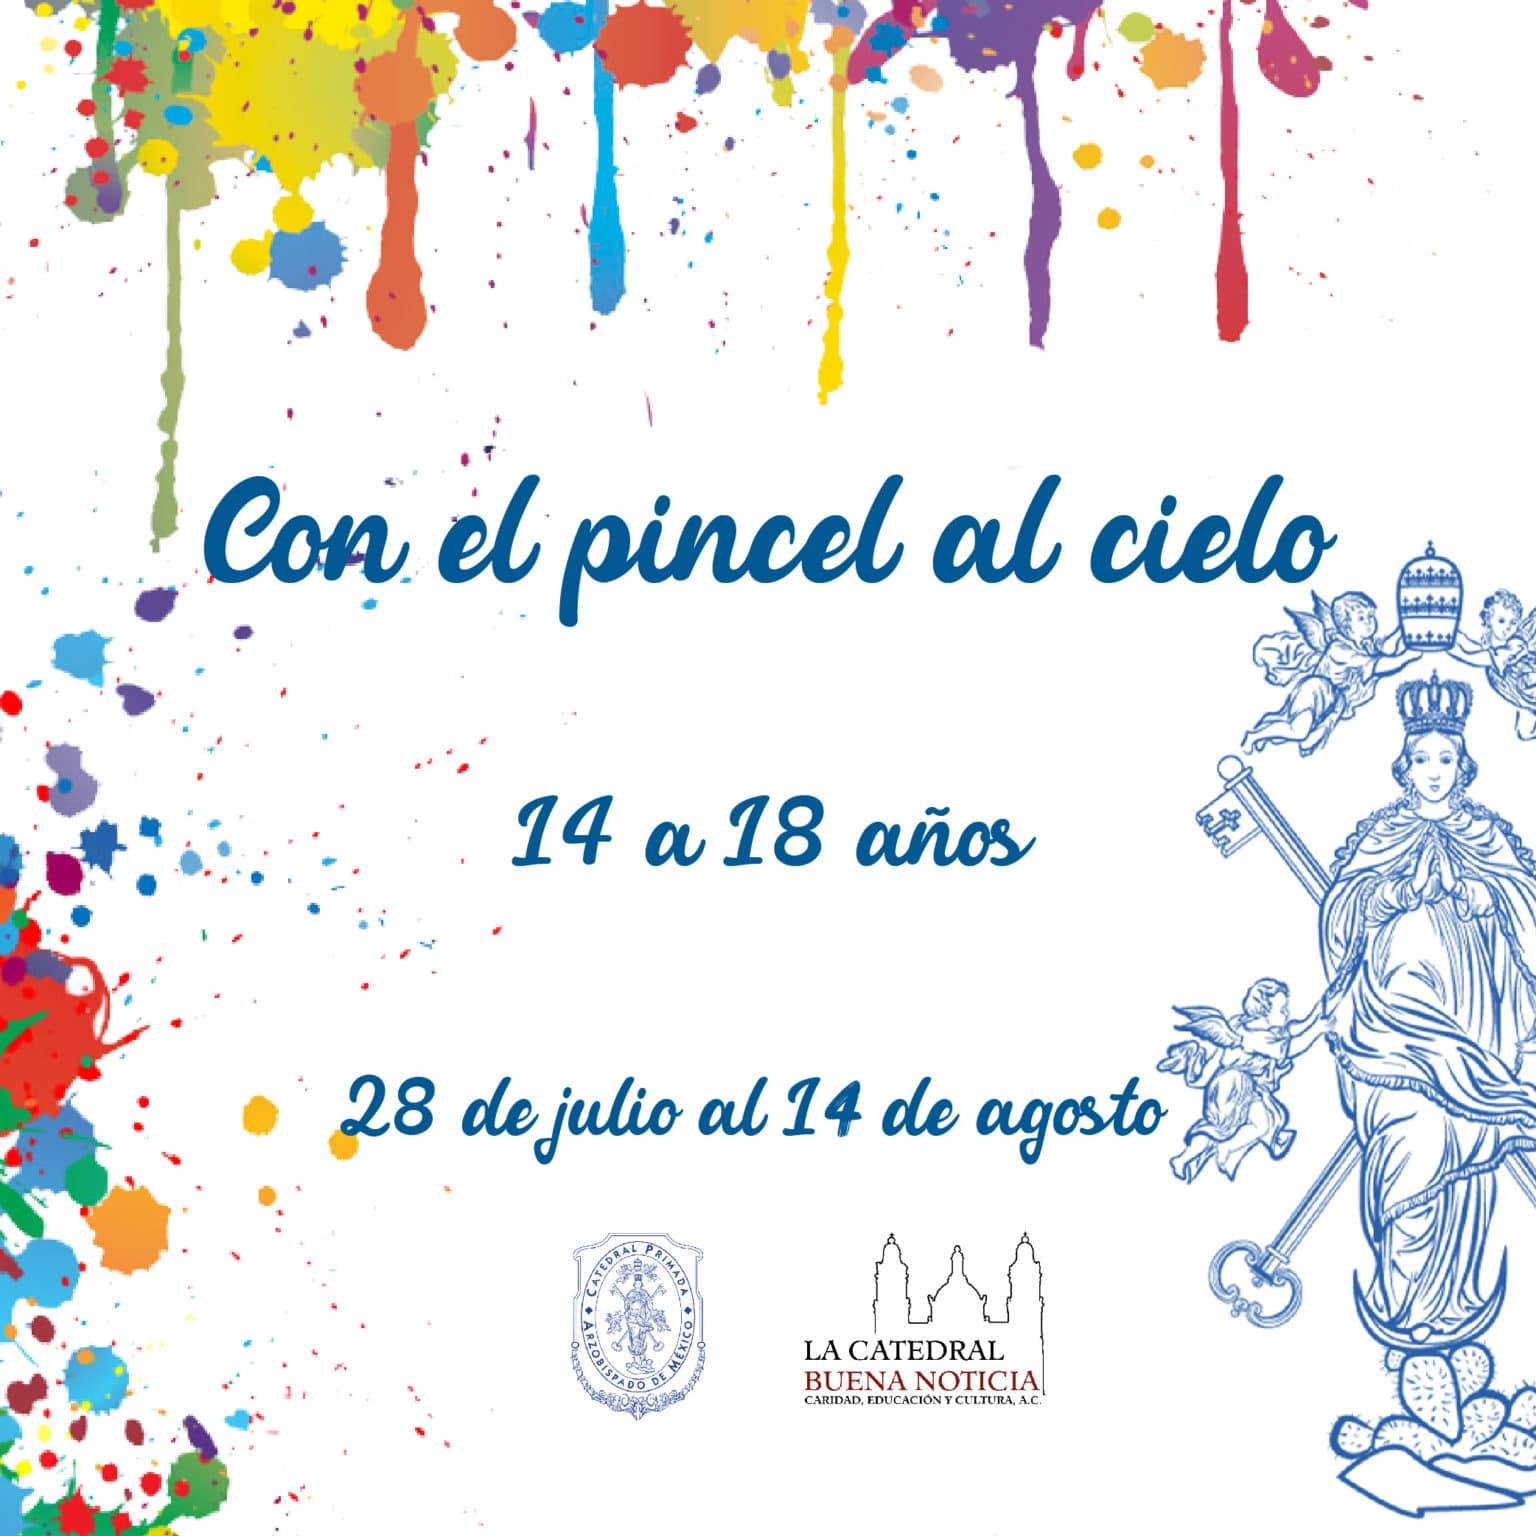 Participa en el concurso de dibujo convocado por la Catedral Metropolitana.